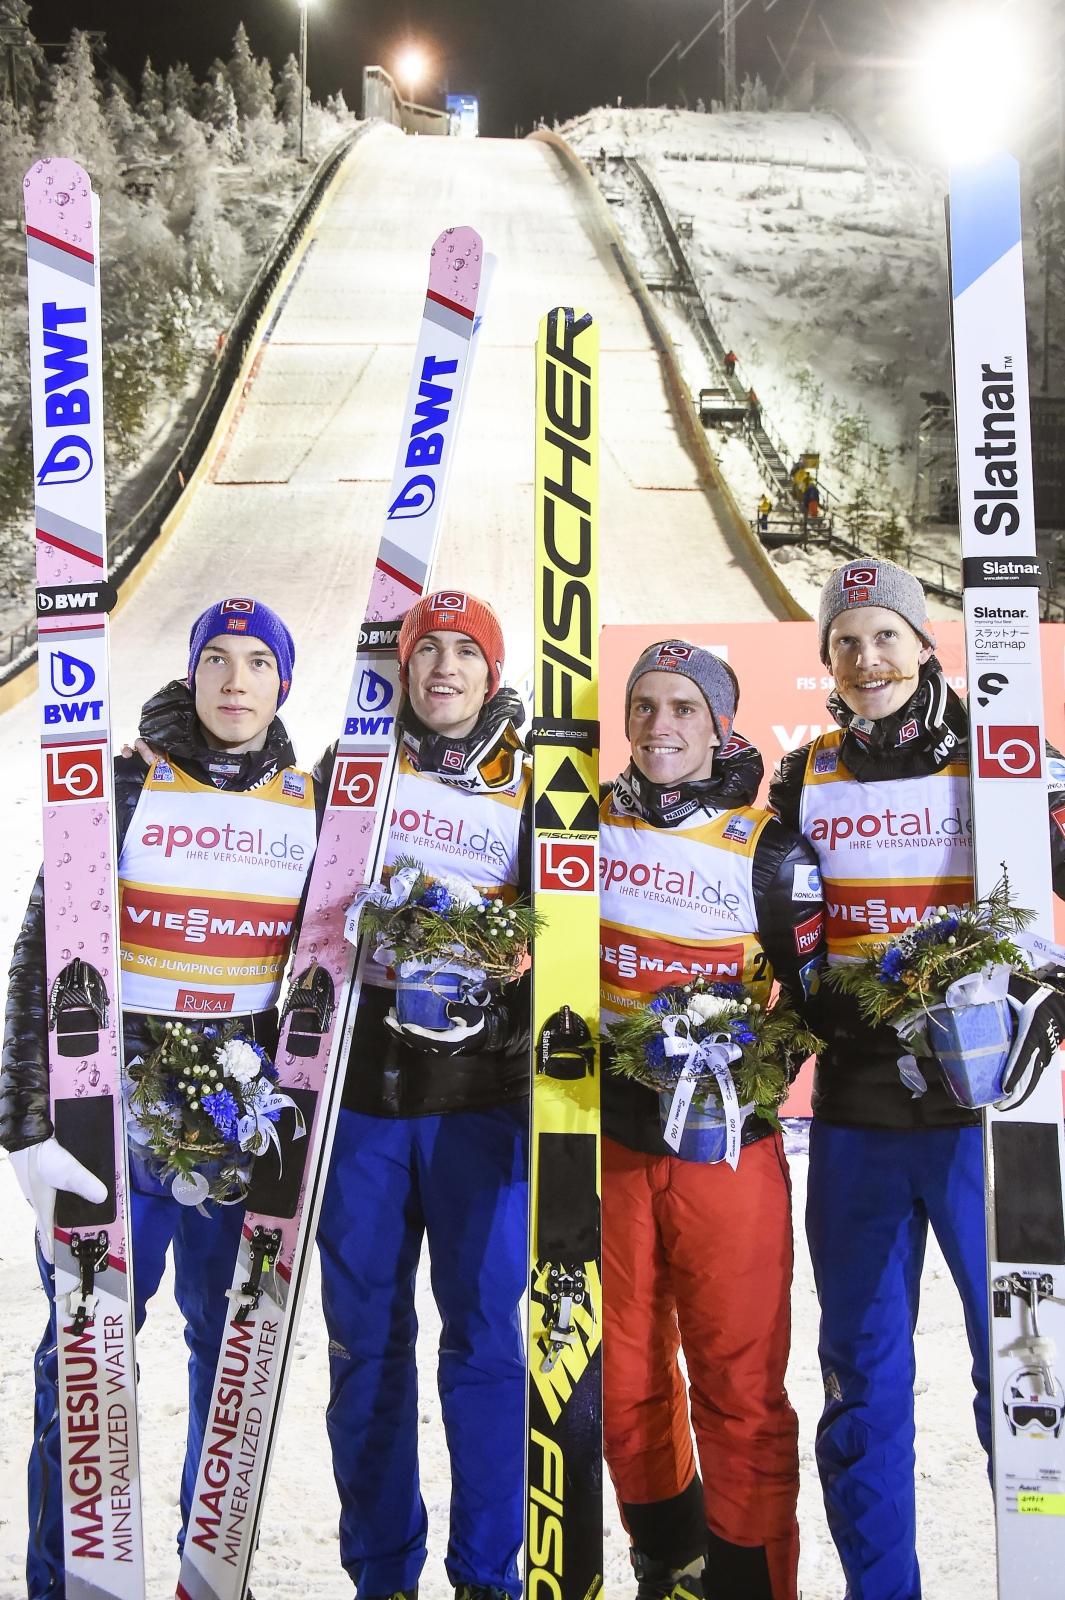 Norwegowie - zwycięzcy drużynowego konkursu Pucharu Świata w skokach narciarskich EPA/MARKKU OJALA